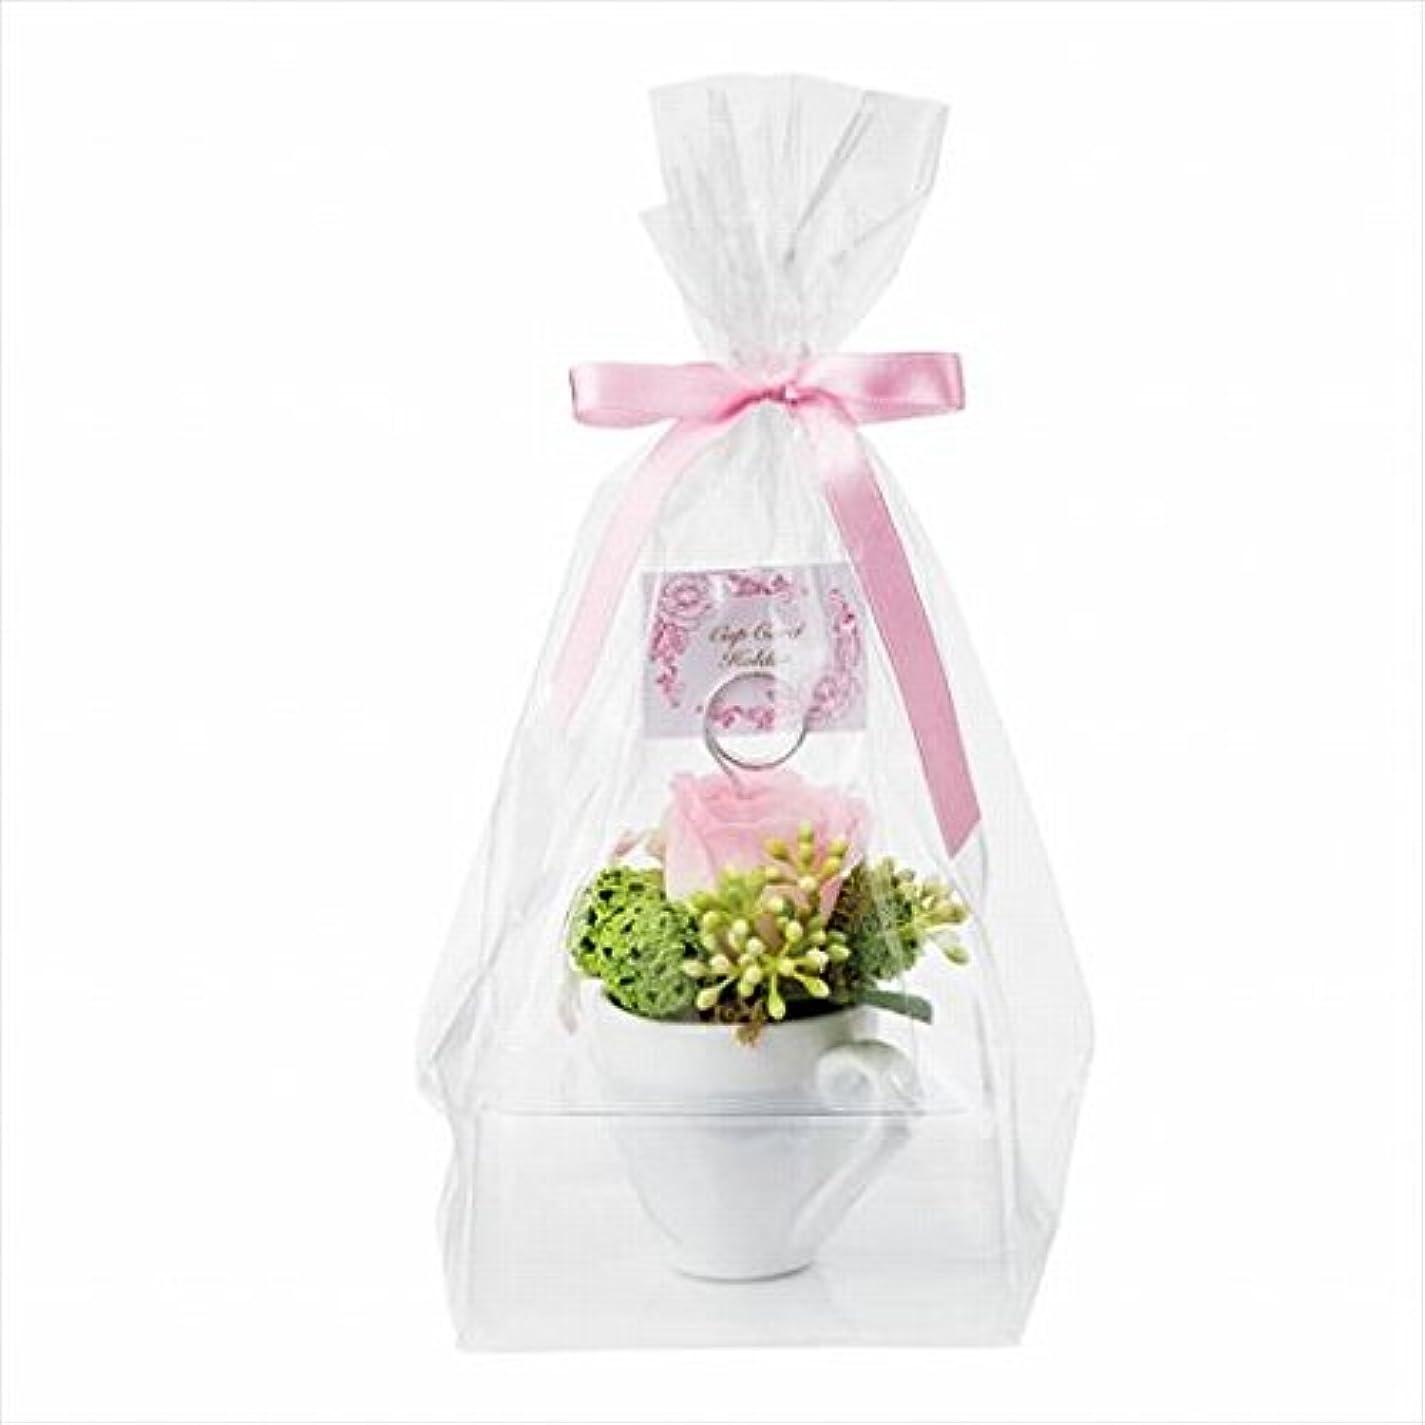 カメヤマキャンドル(kameyama candle) プチカップカードホルダー 「 ピンク 」